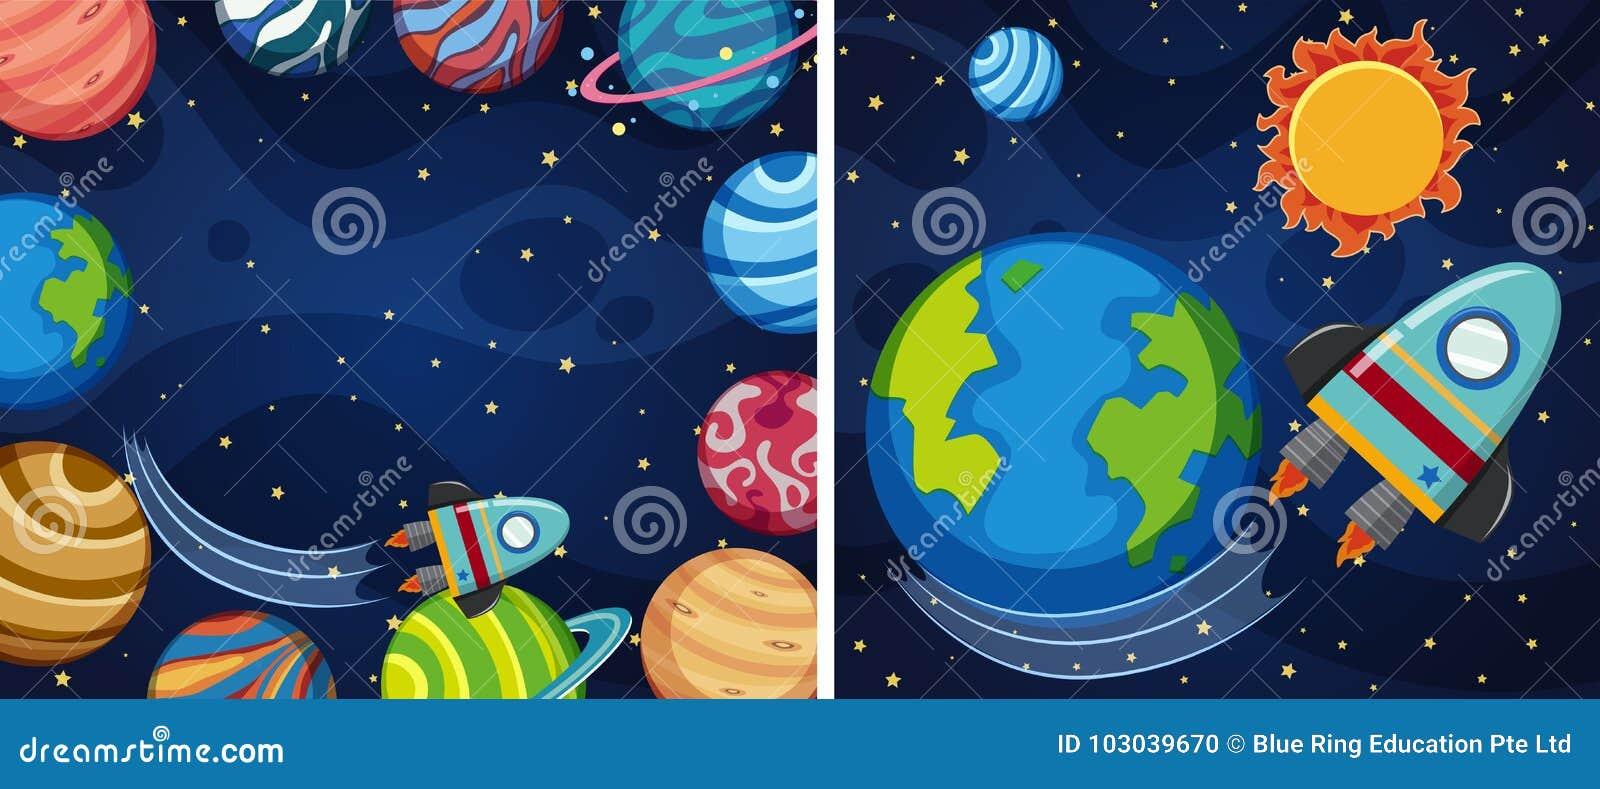 Fondo de dos espacios con los planetas y el cohete